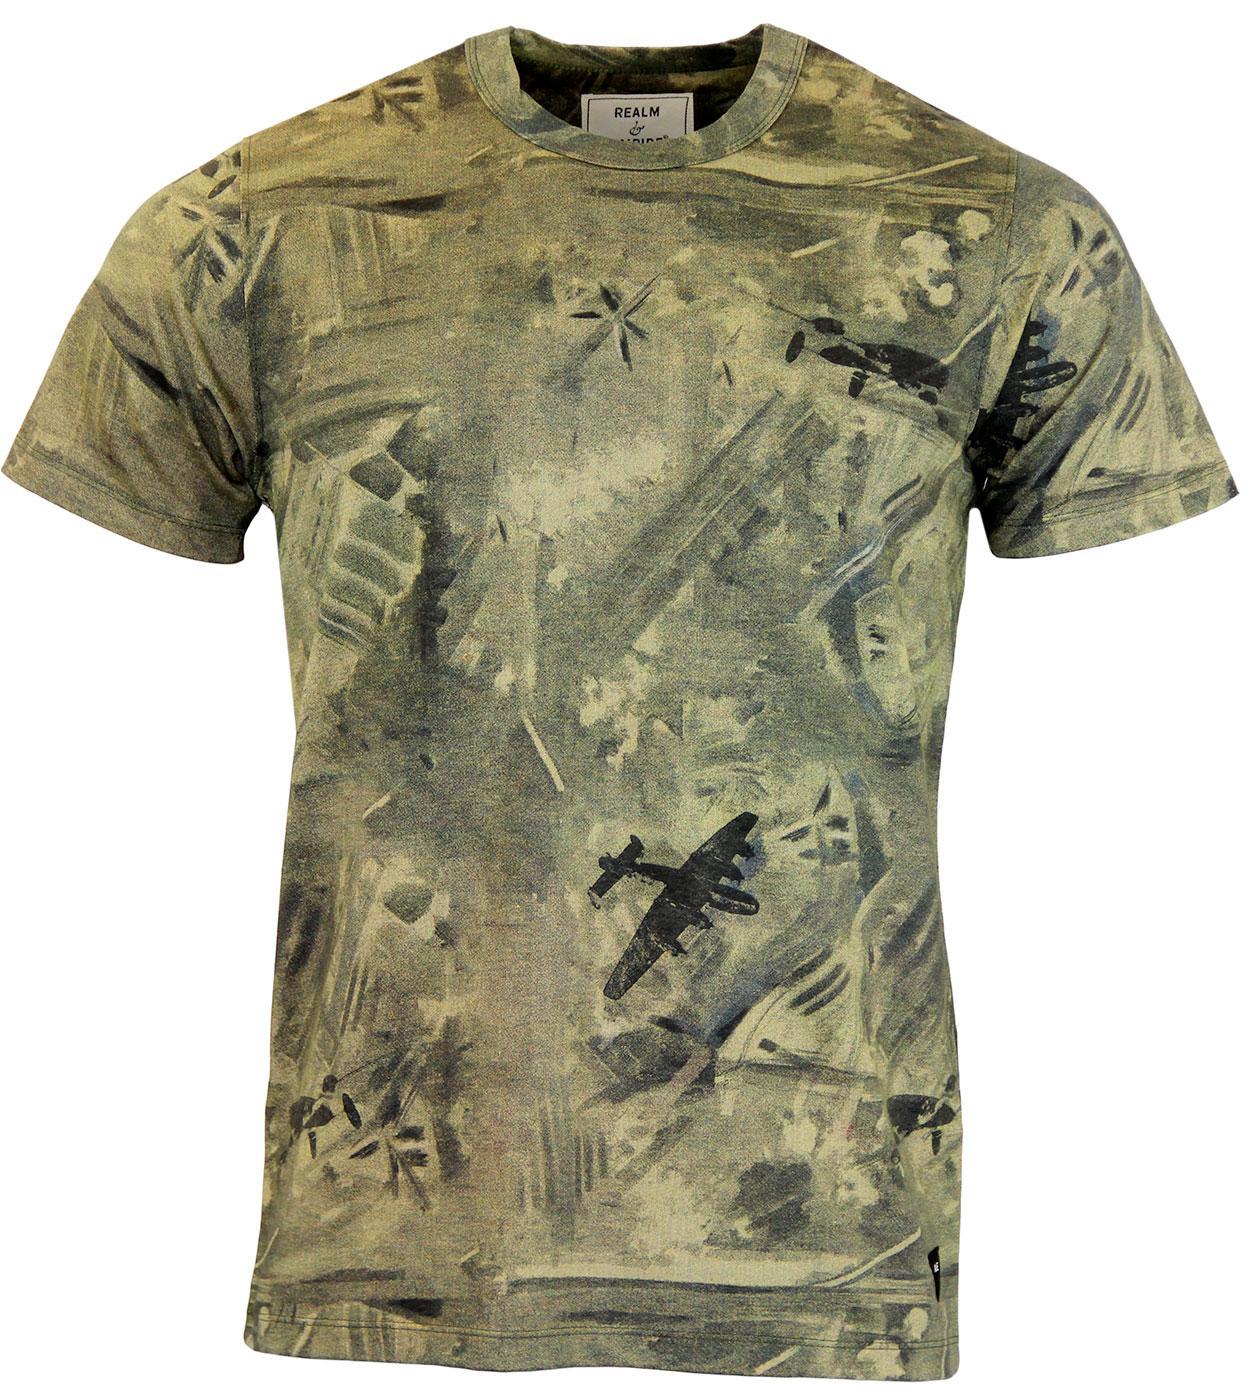 REALM & EMPIRE Target Area Retro Print T-shirt